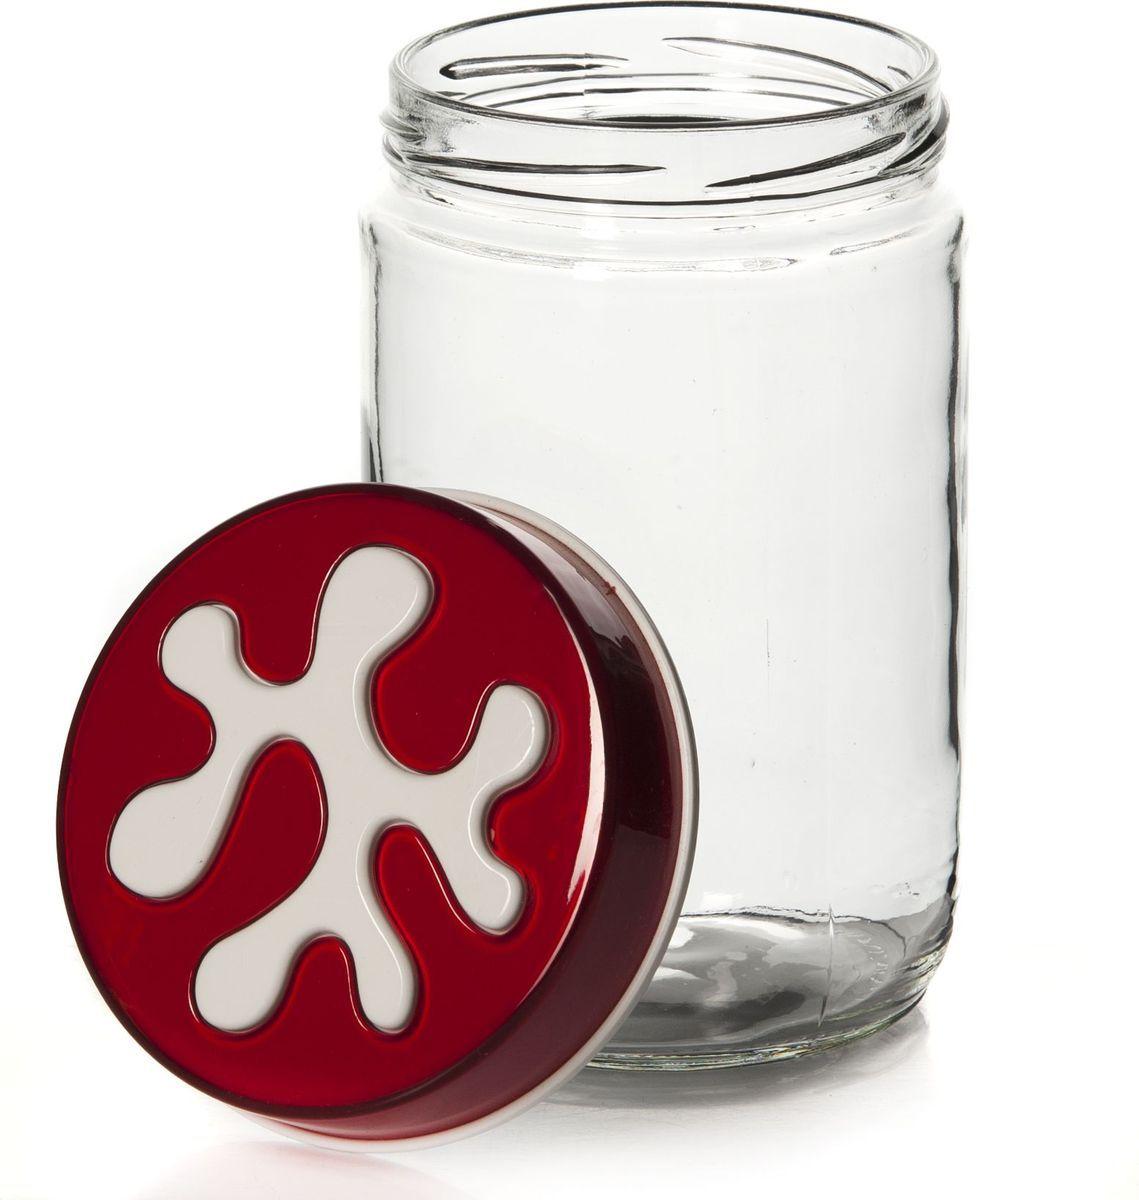 Банка для сыпучих продуктов Pasabahce, 660 мл. 135367-205135367-205Емкость прозрачная с цветной крышкой 9*9*14,5 см